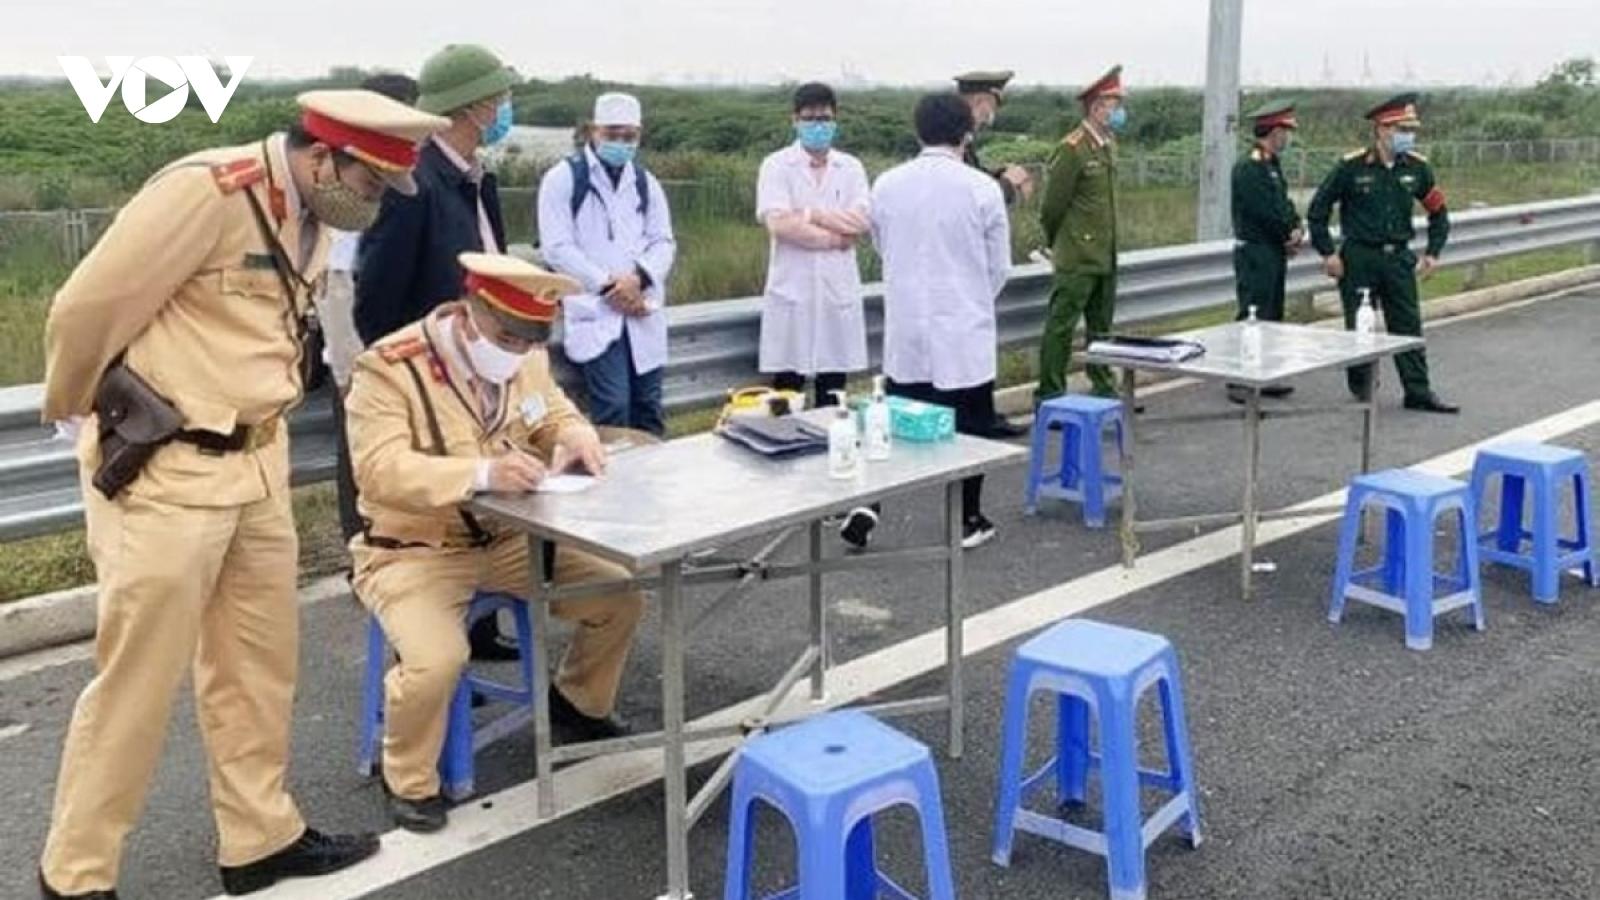 Danh sách 22 chốt kiểm dịch Covid-19 tại các cửa ngõ lớn vào Hà Nội